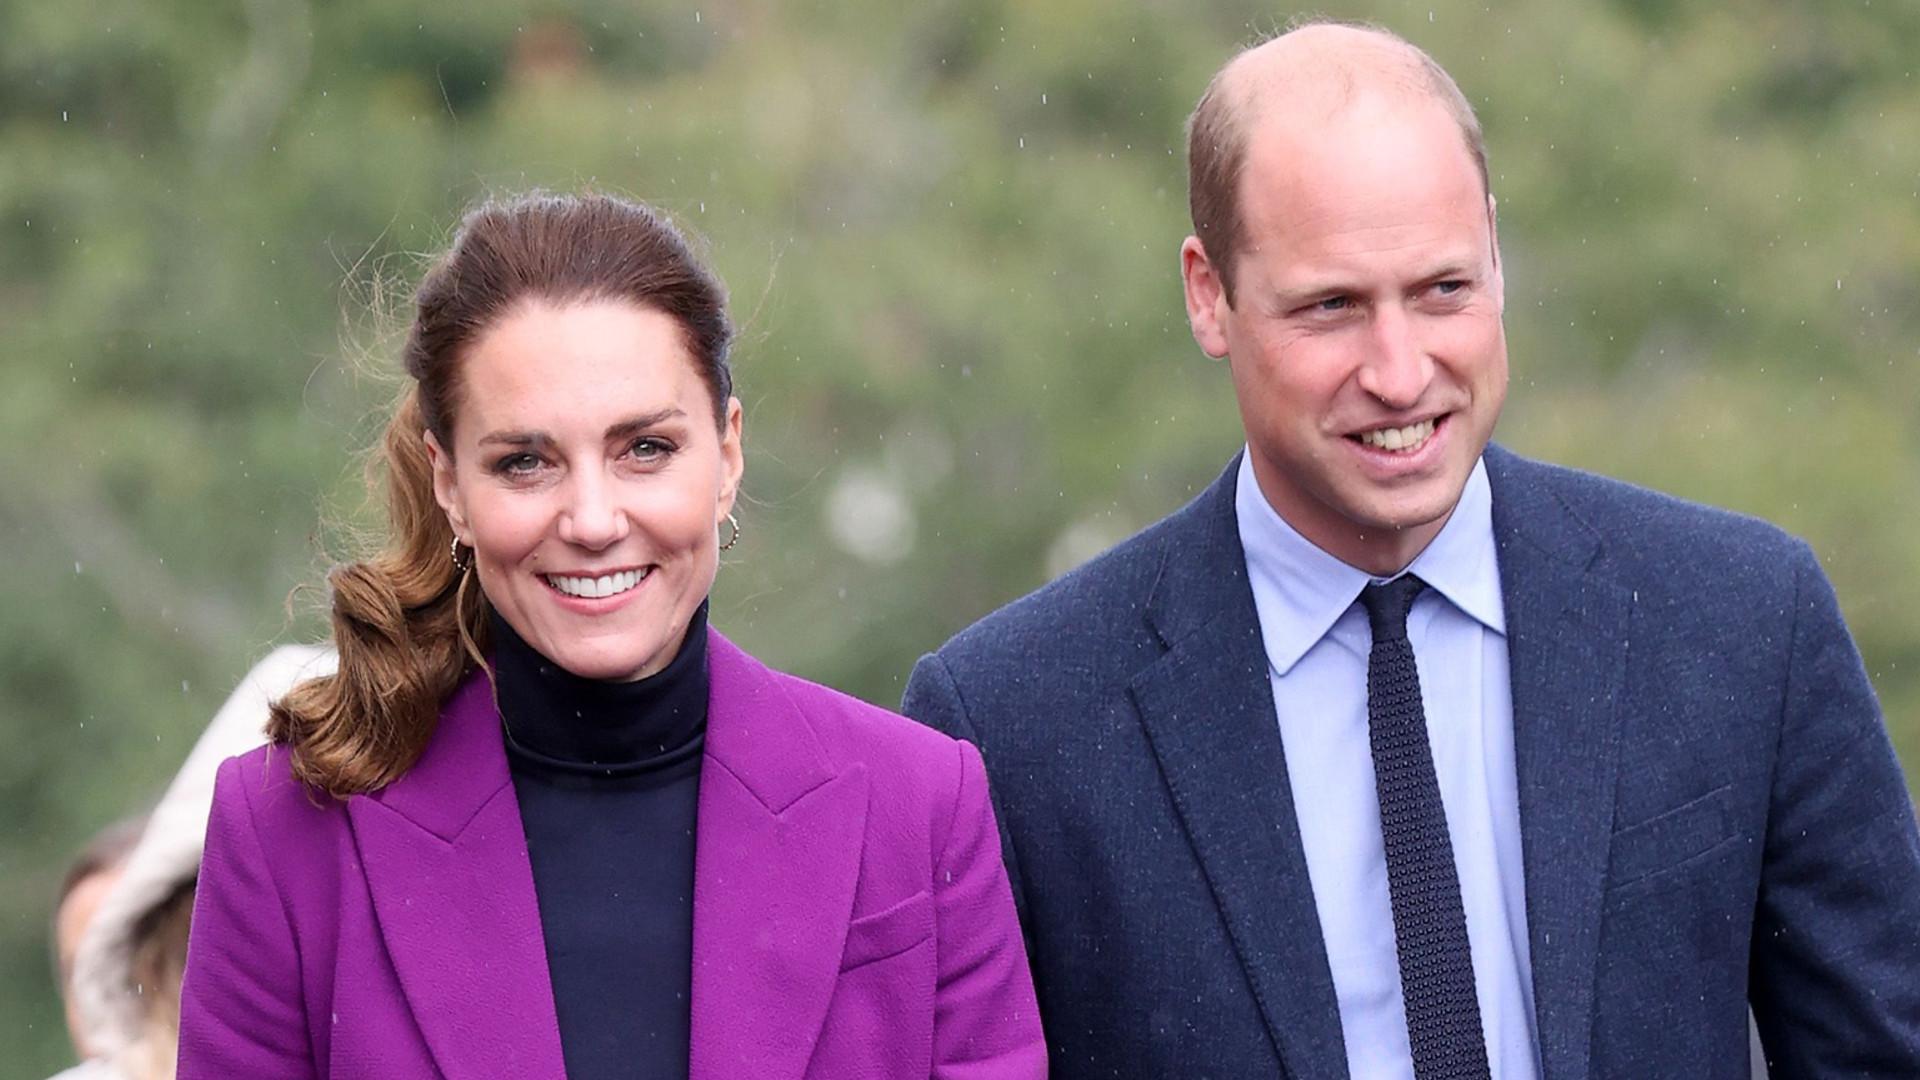 Wieczorem księżna Kate błyszczała w złotej kreacji, a dzisiaj pokazała się w modnym garniturze (ZDJĘCIA)